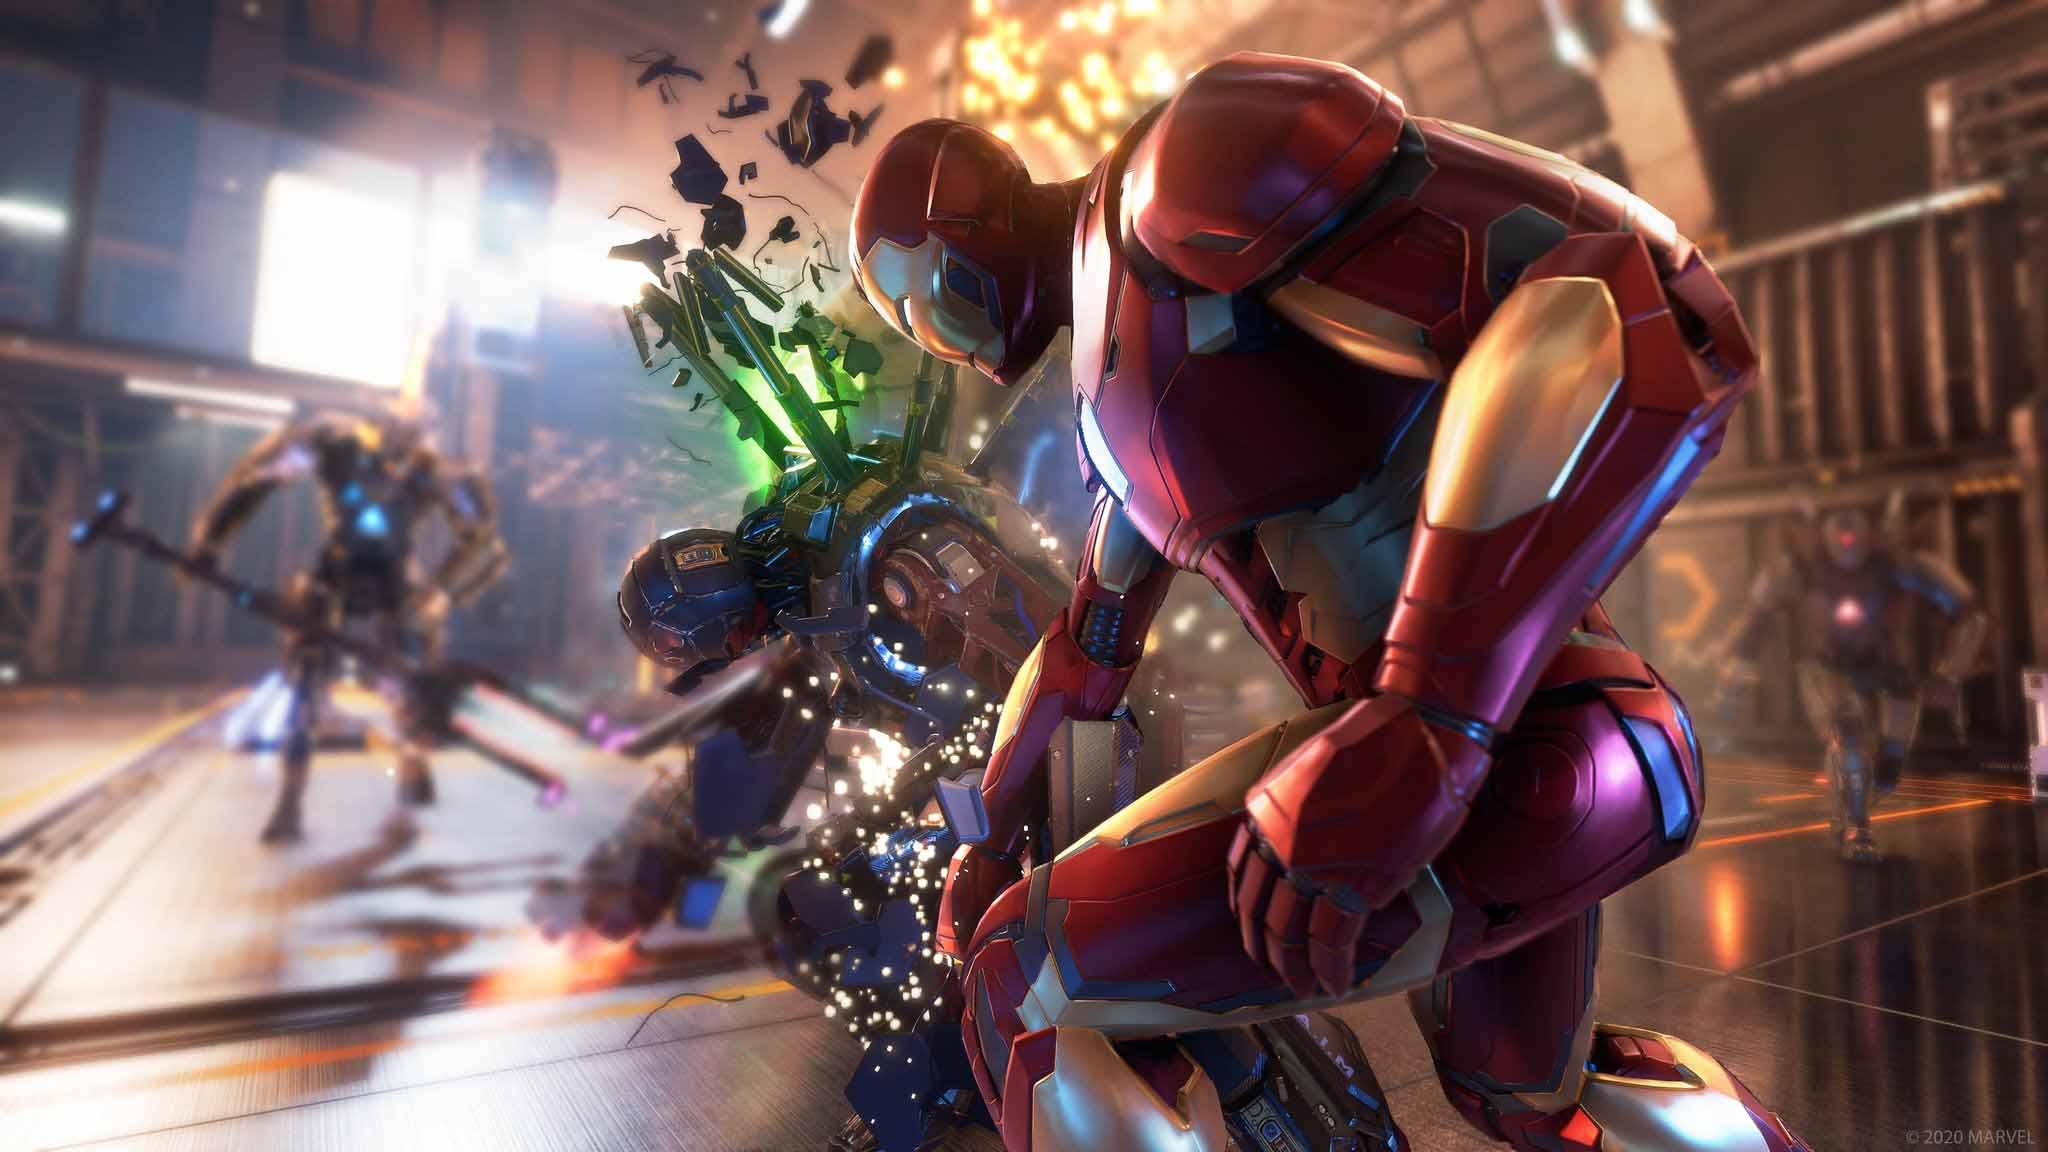 La historia de Marvel's Avengers no se verá afectada por la exclusividad de Spiderman 3